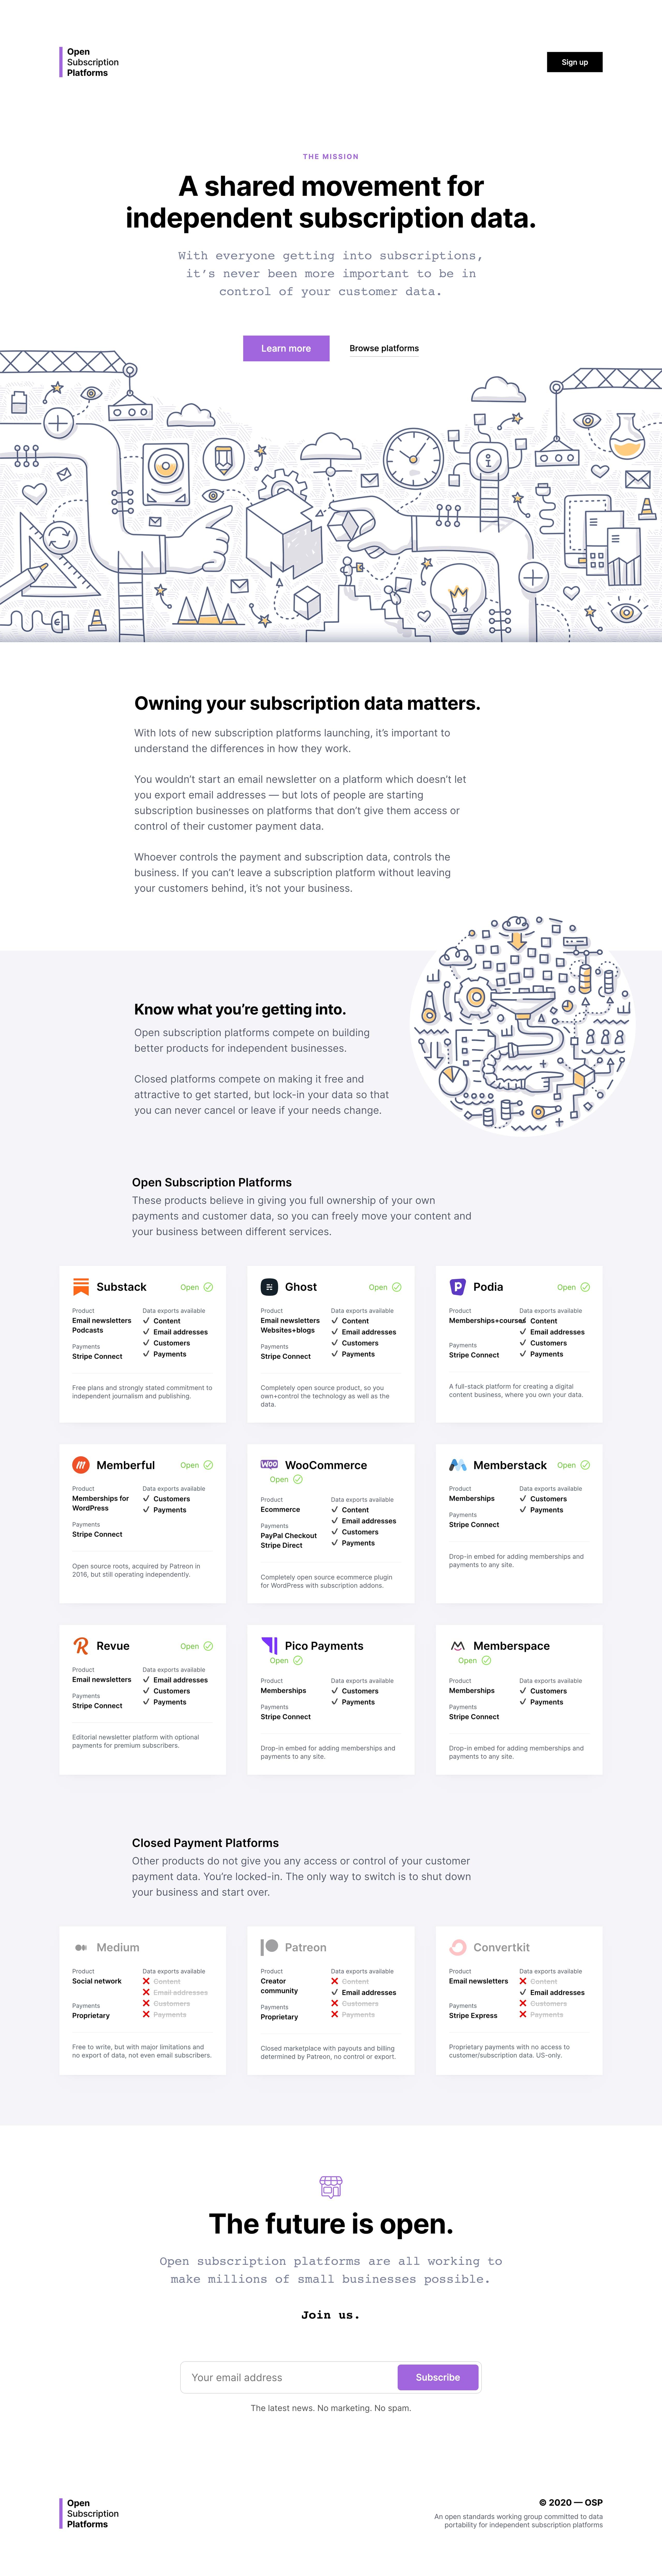 Open Subscription Platforms Website Screenshot